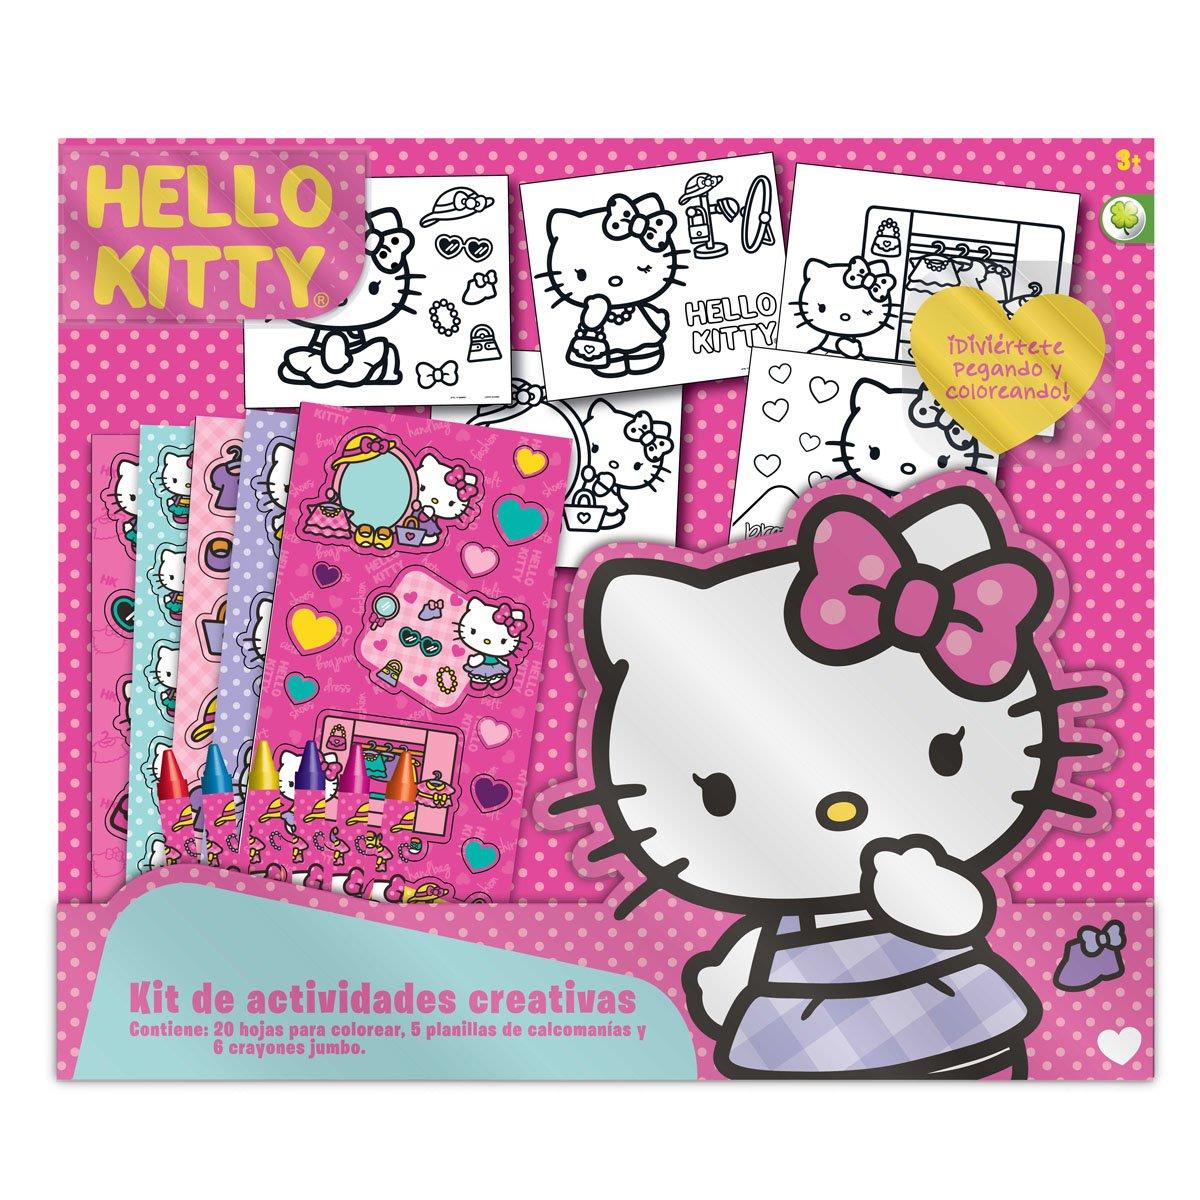 b67139a19e05 Set De Actividades Creativas Hello Kitty Golden Toys